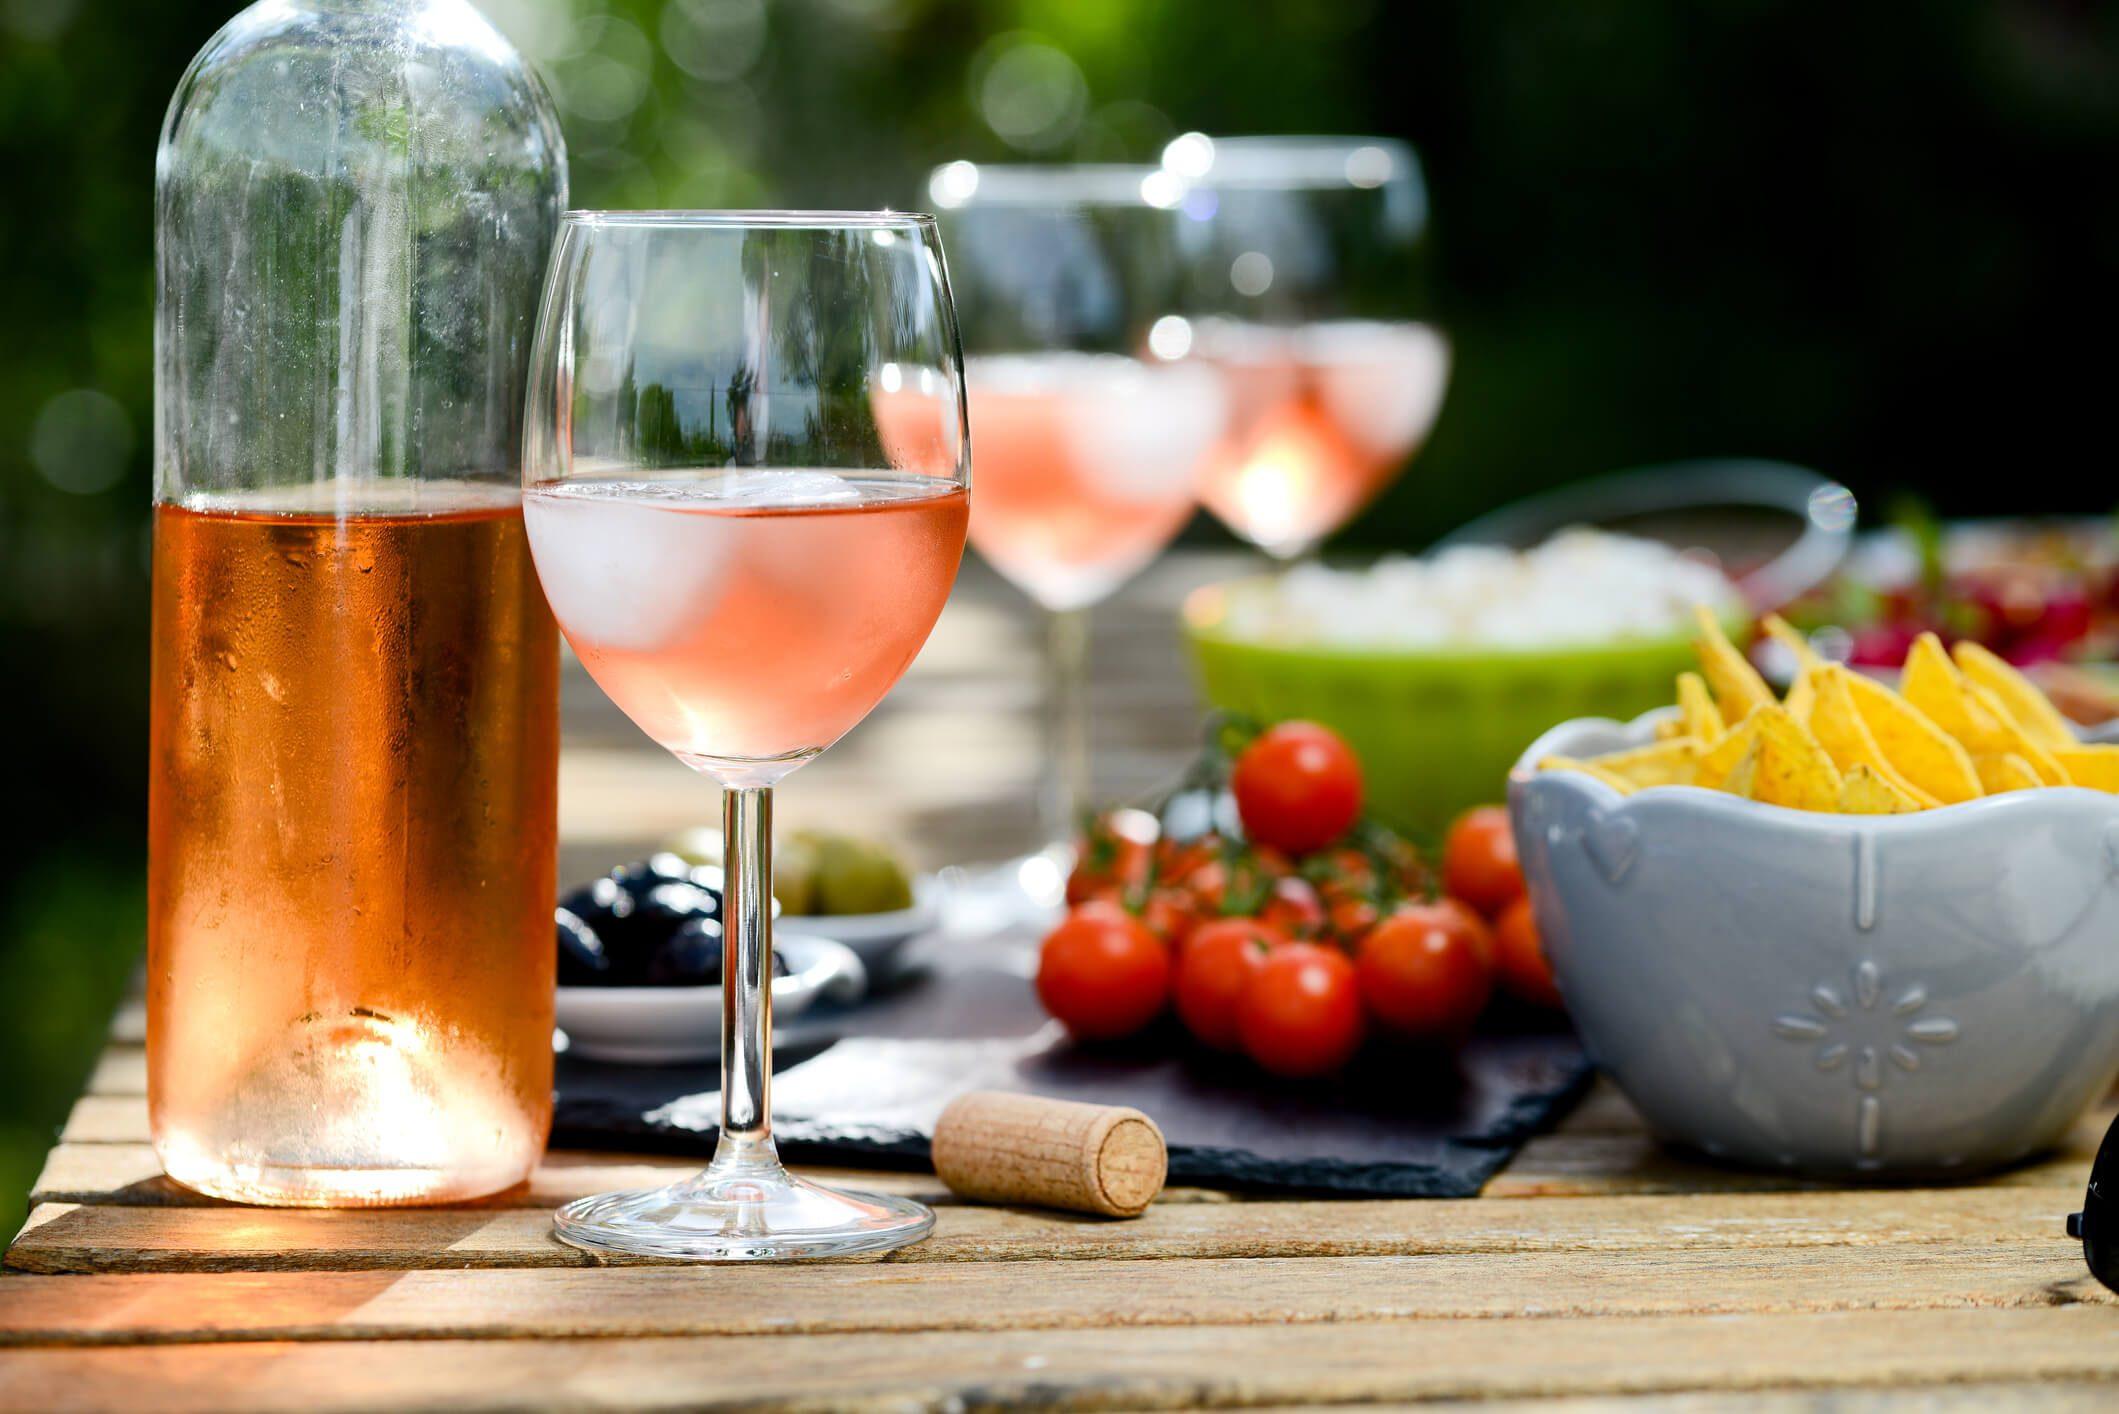 Quels vins boire avec vos recettes d'été ?